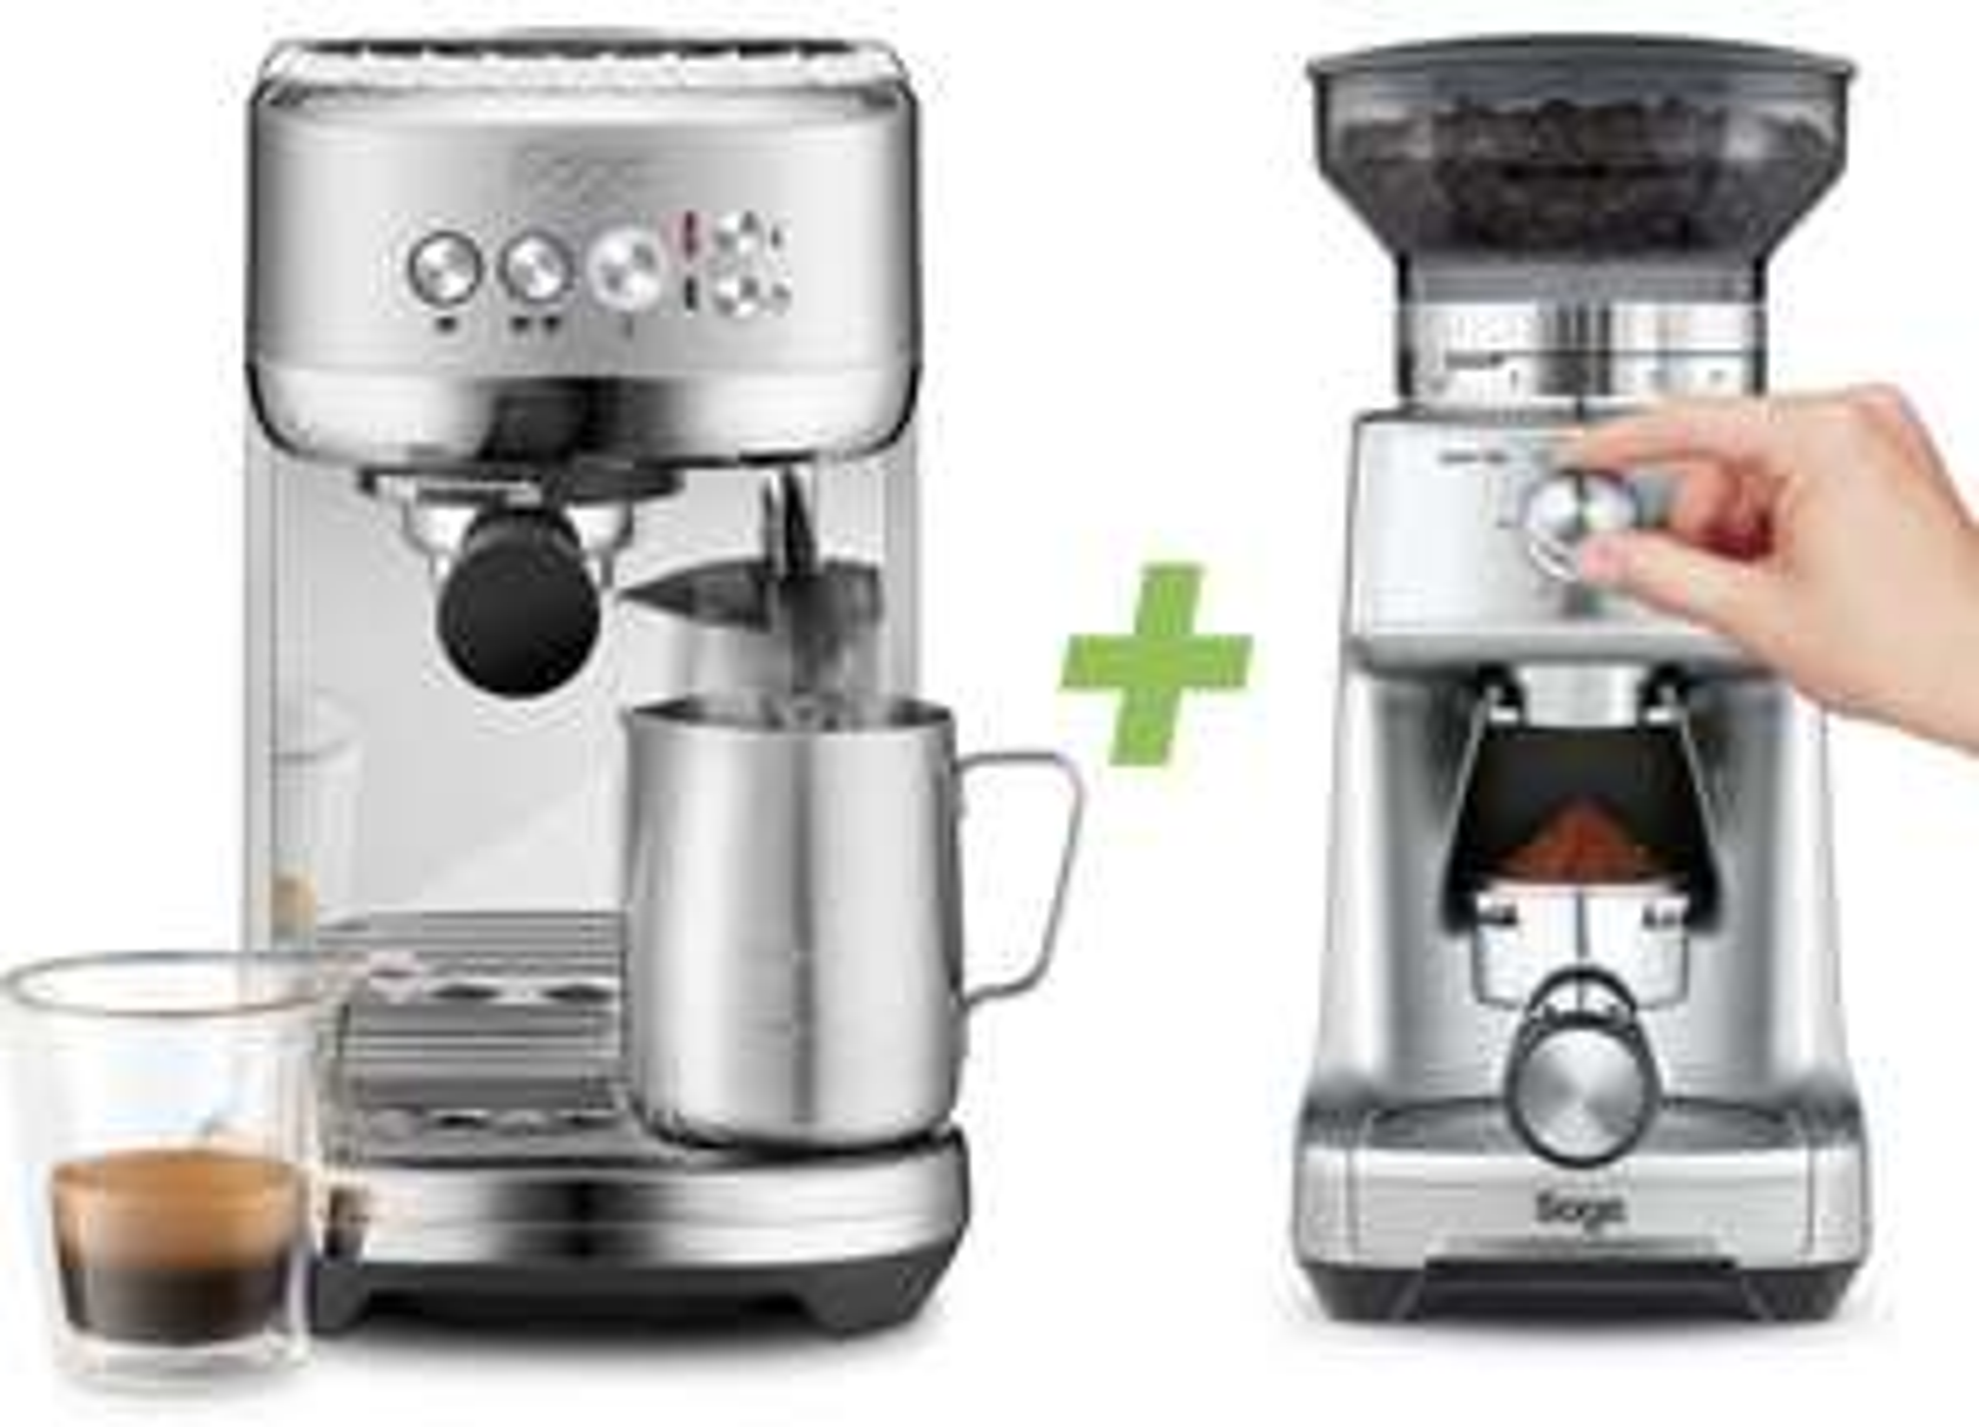 Sage Appliances SES500BSS Bambino Plus Siebträgermaschine + Sage The Dose Control SCG600 Kaffeemühle für zusammen 299€ inkl. Versandkosten